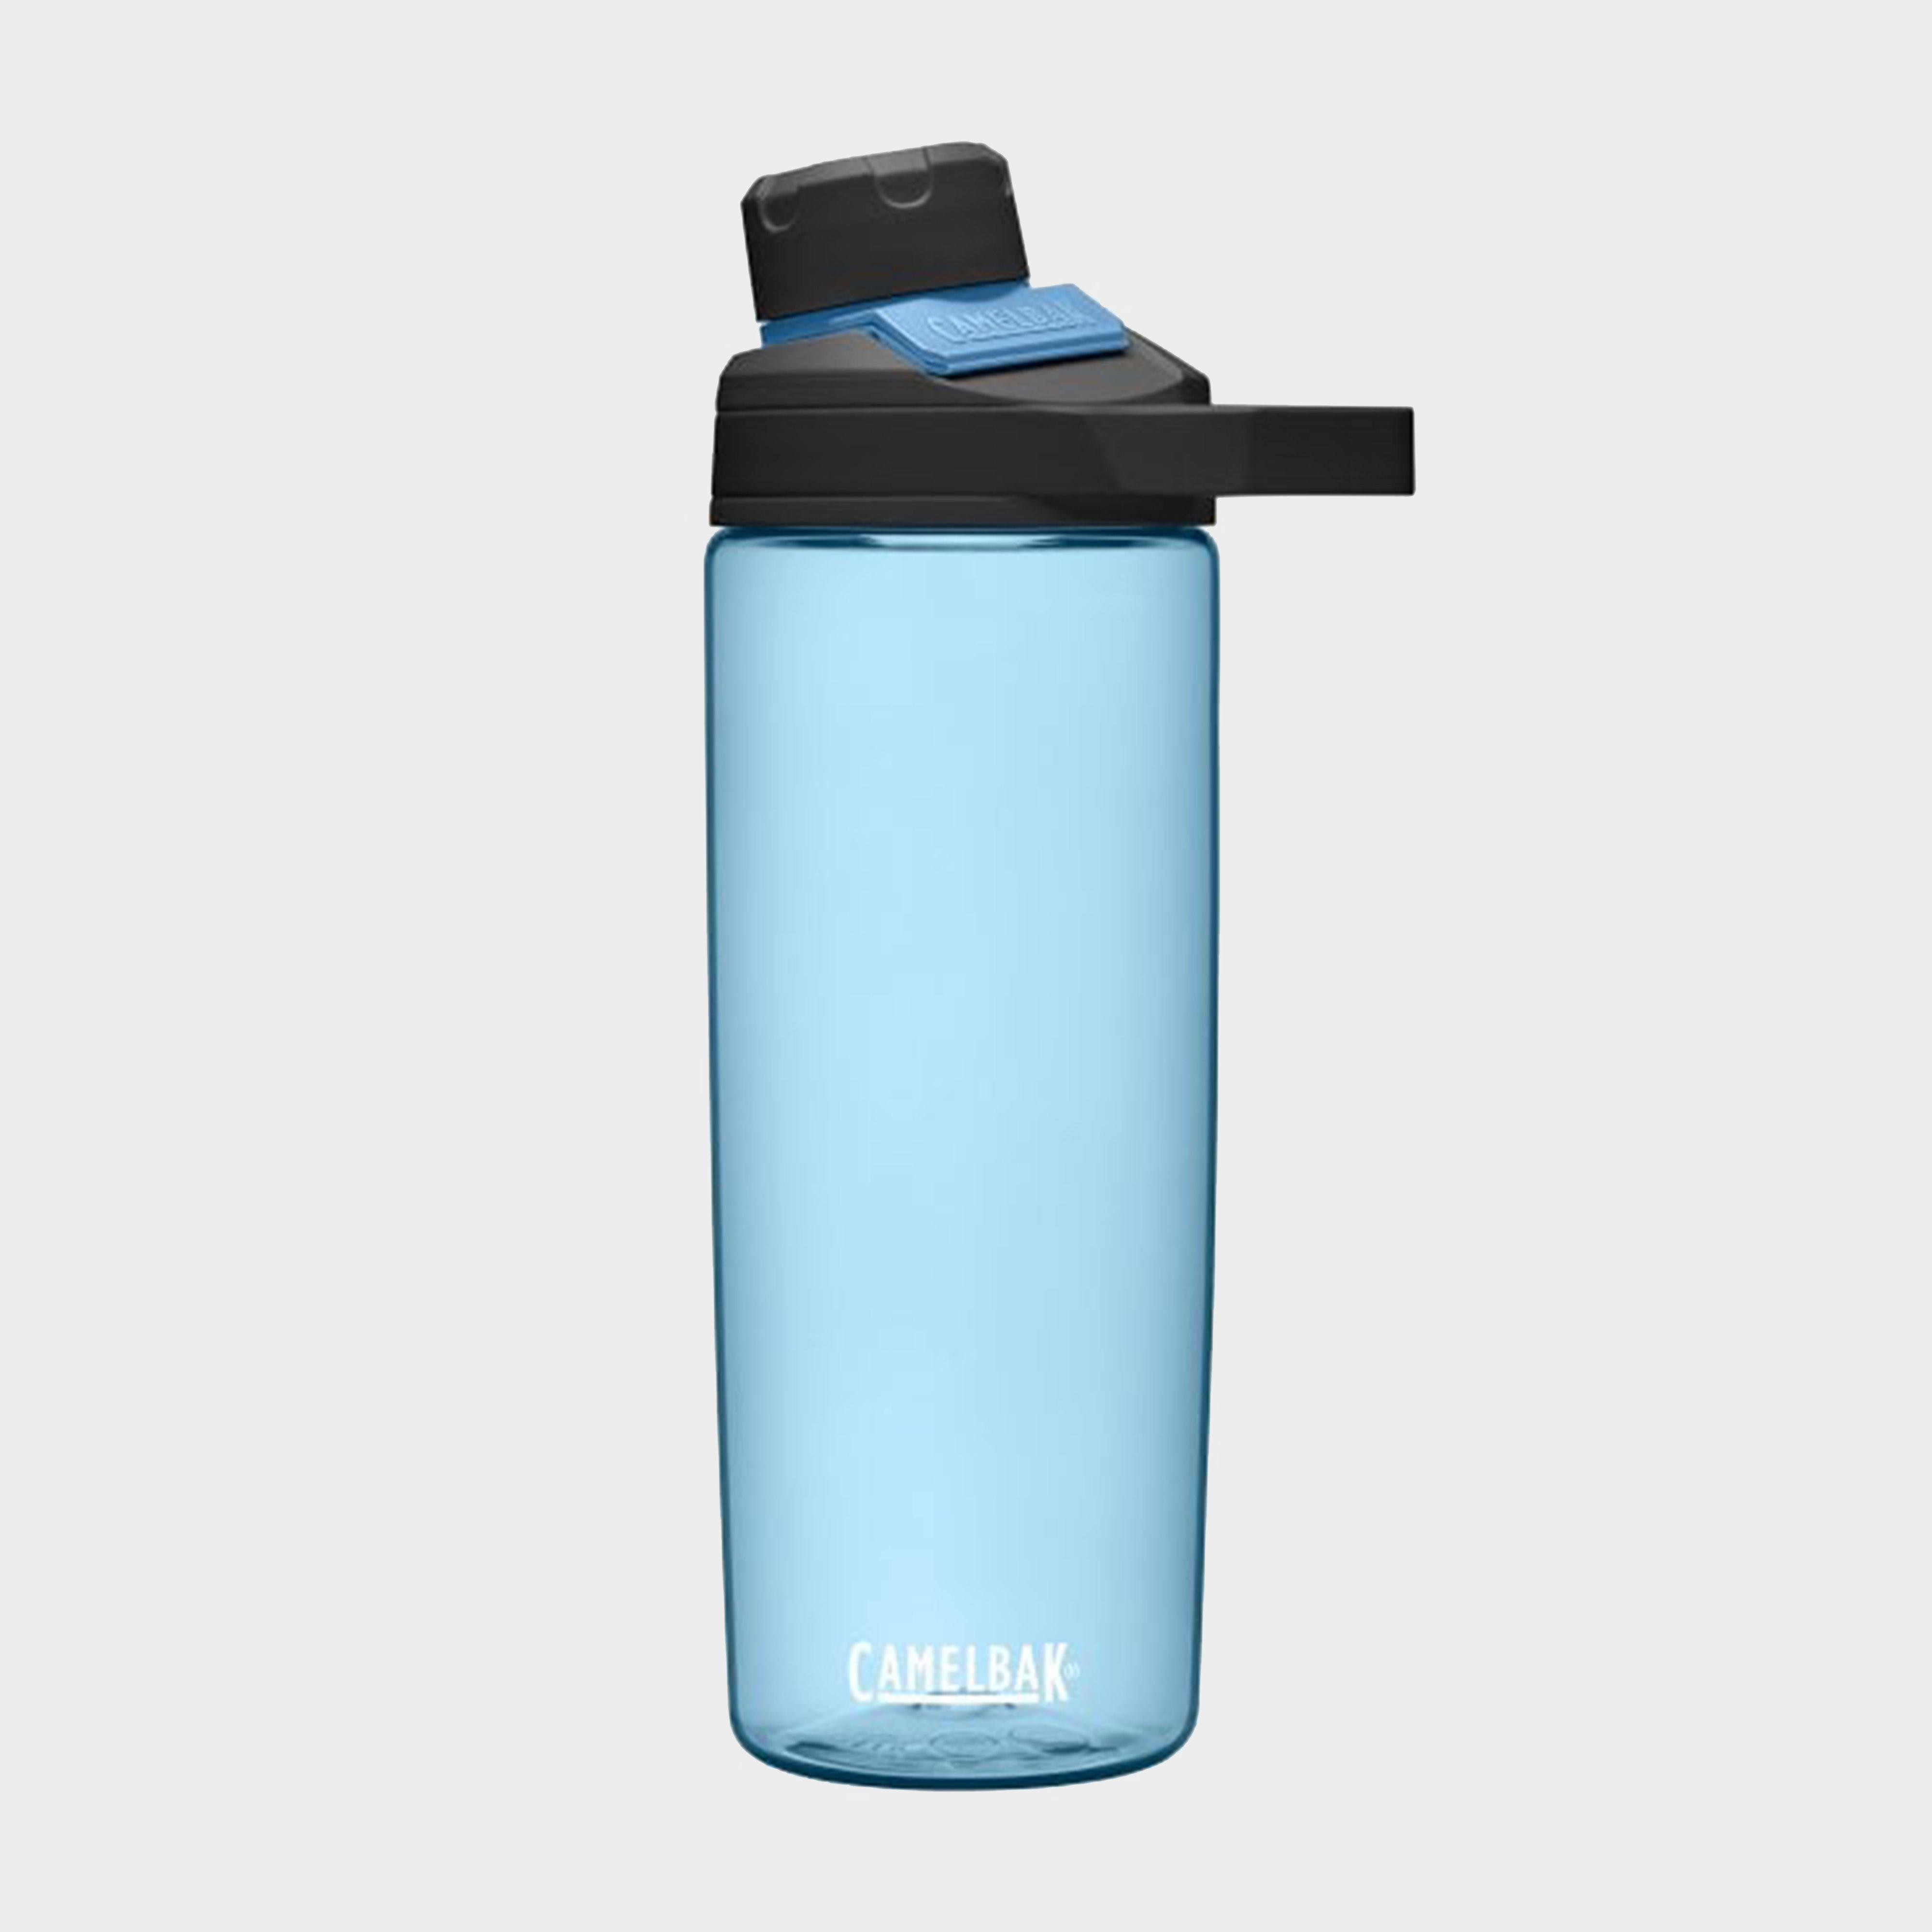 Camelbak Camelbak Chute Magnetic Drinking Bottle 600ml, Blue